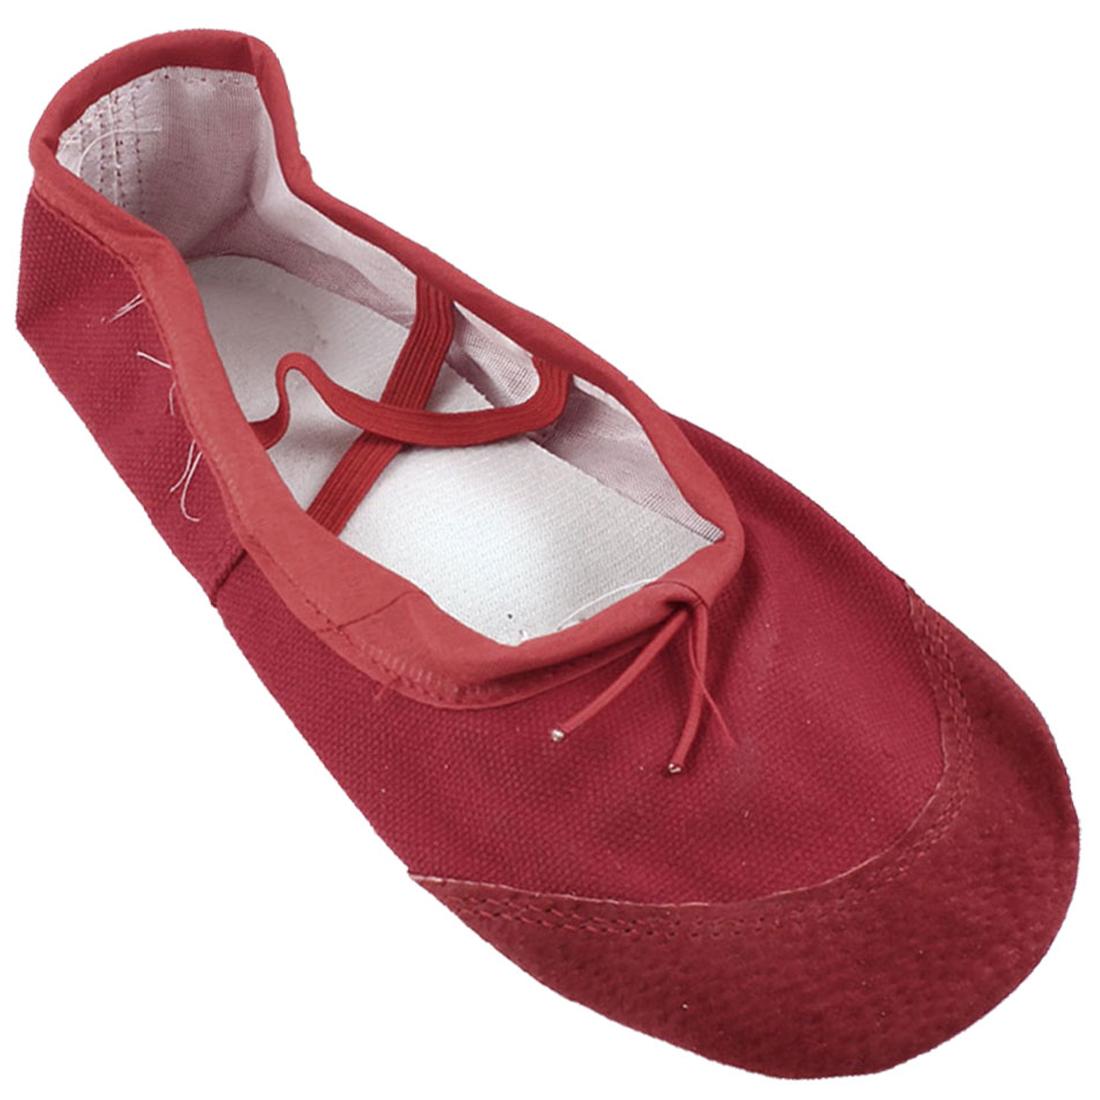 Women Red Faux Leather Split Sole Canvas Ballet Flats Shoes US 5.5